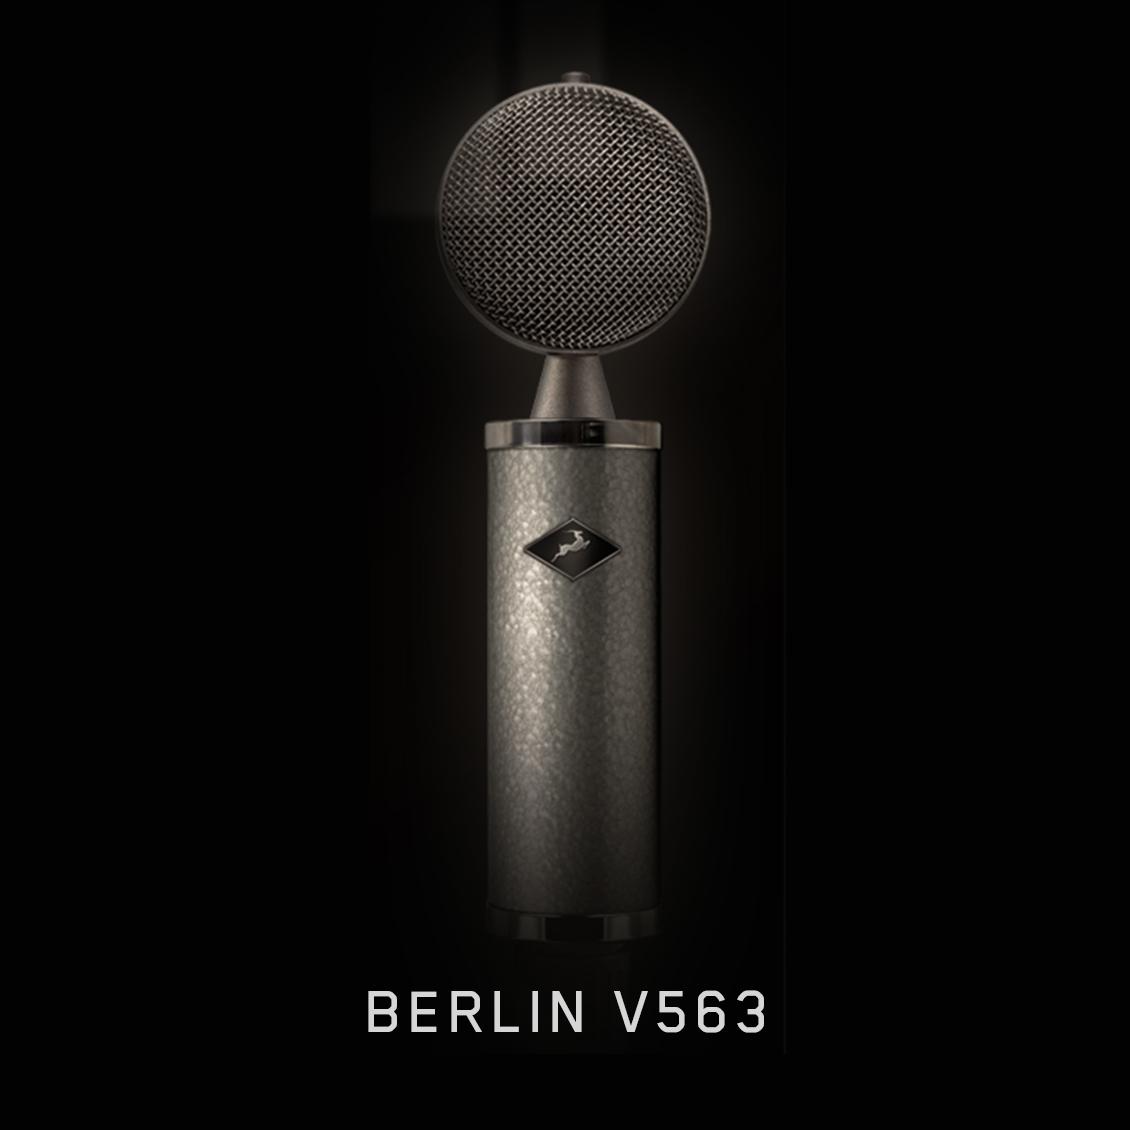 Berlin V563